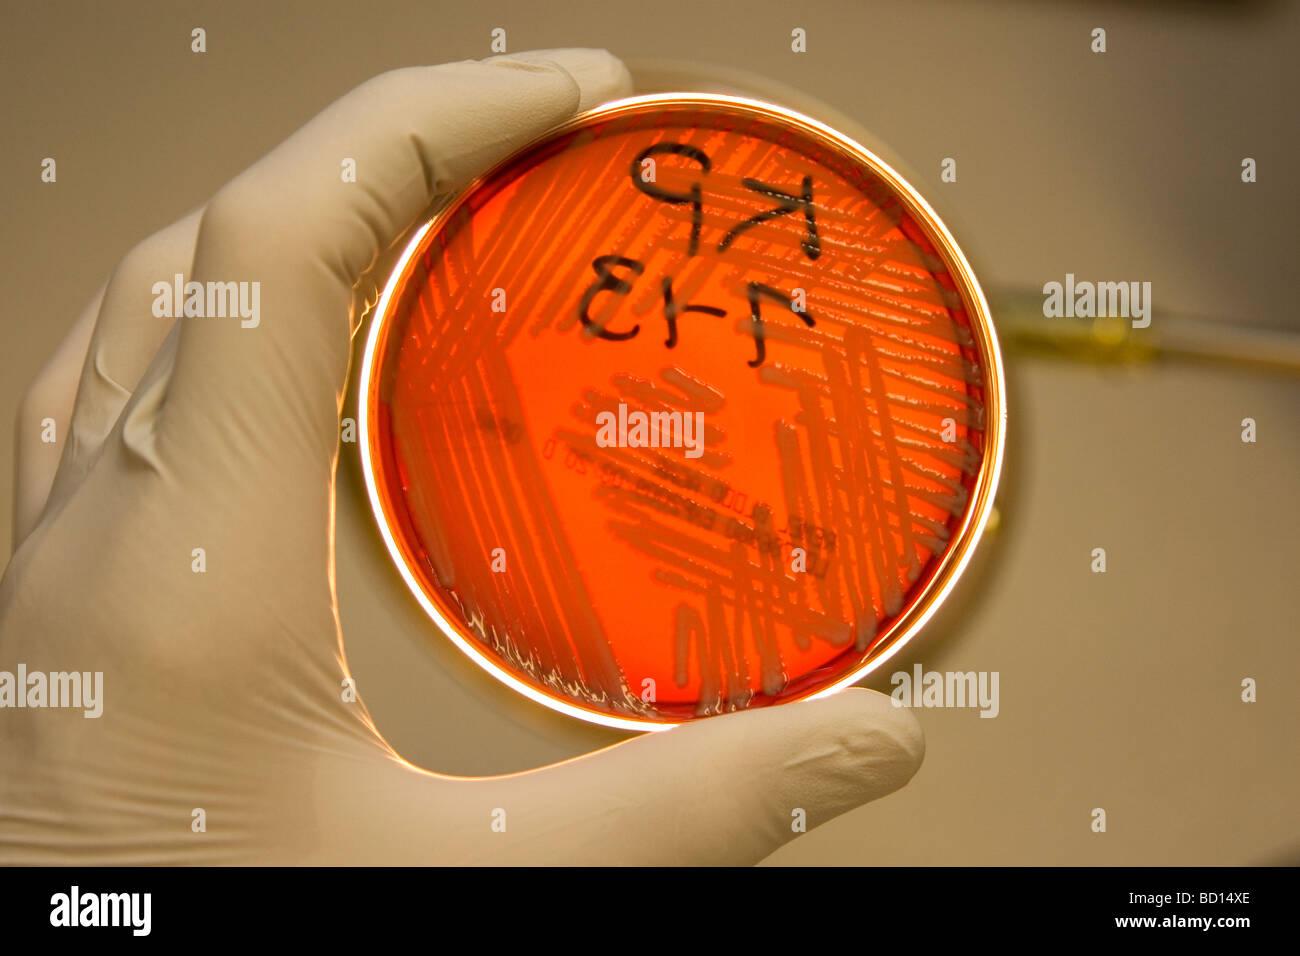 Le microbiologiste est titulaire d'une boîte de pétri growimg les bactéries, Klebsiella pneumoniae. Photo Stock